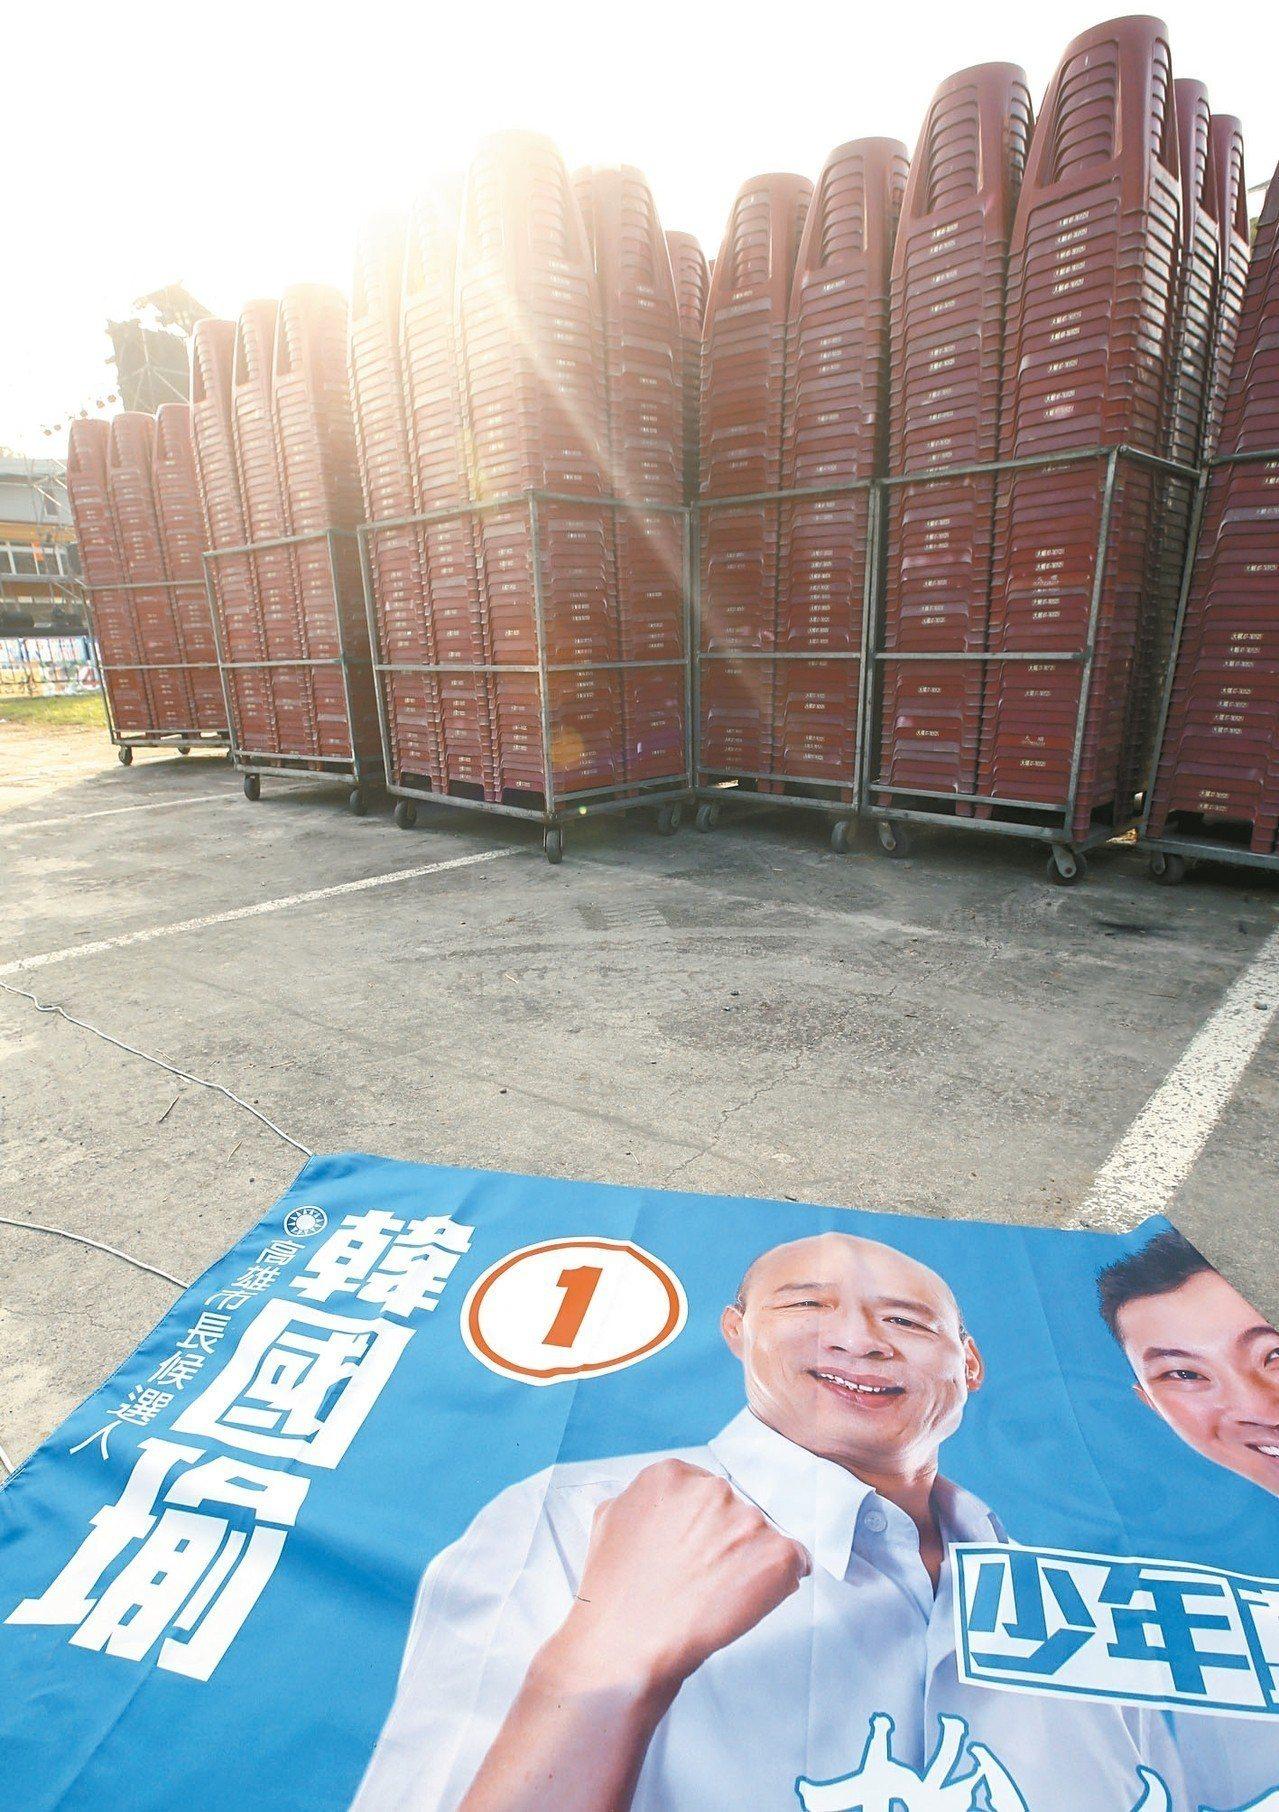 國民黨高雄市長候選人韓國瑜今晚將在美濃高美醫專舉辦第二「山」,也就是旗山造勢大會...